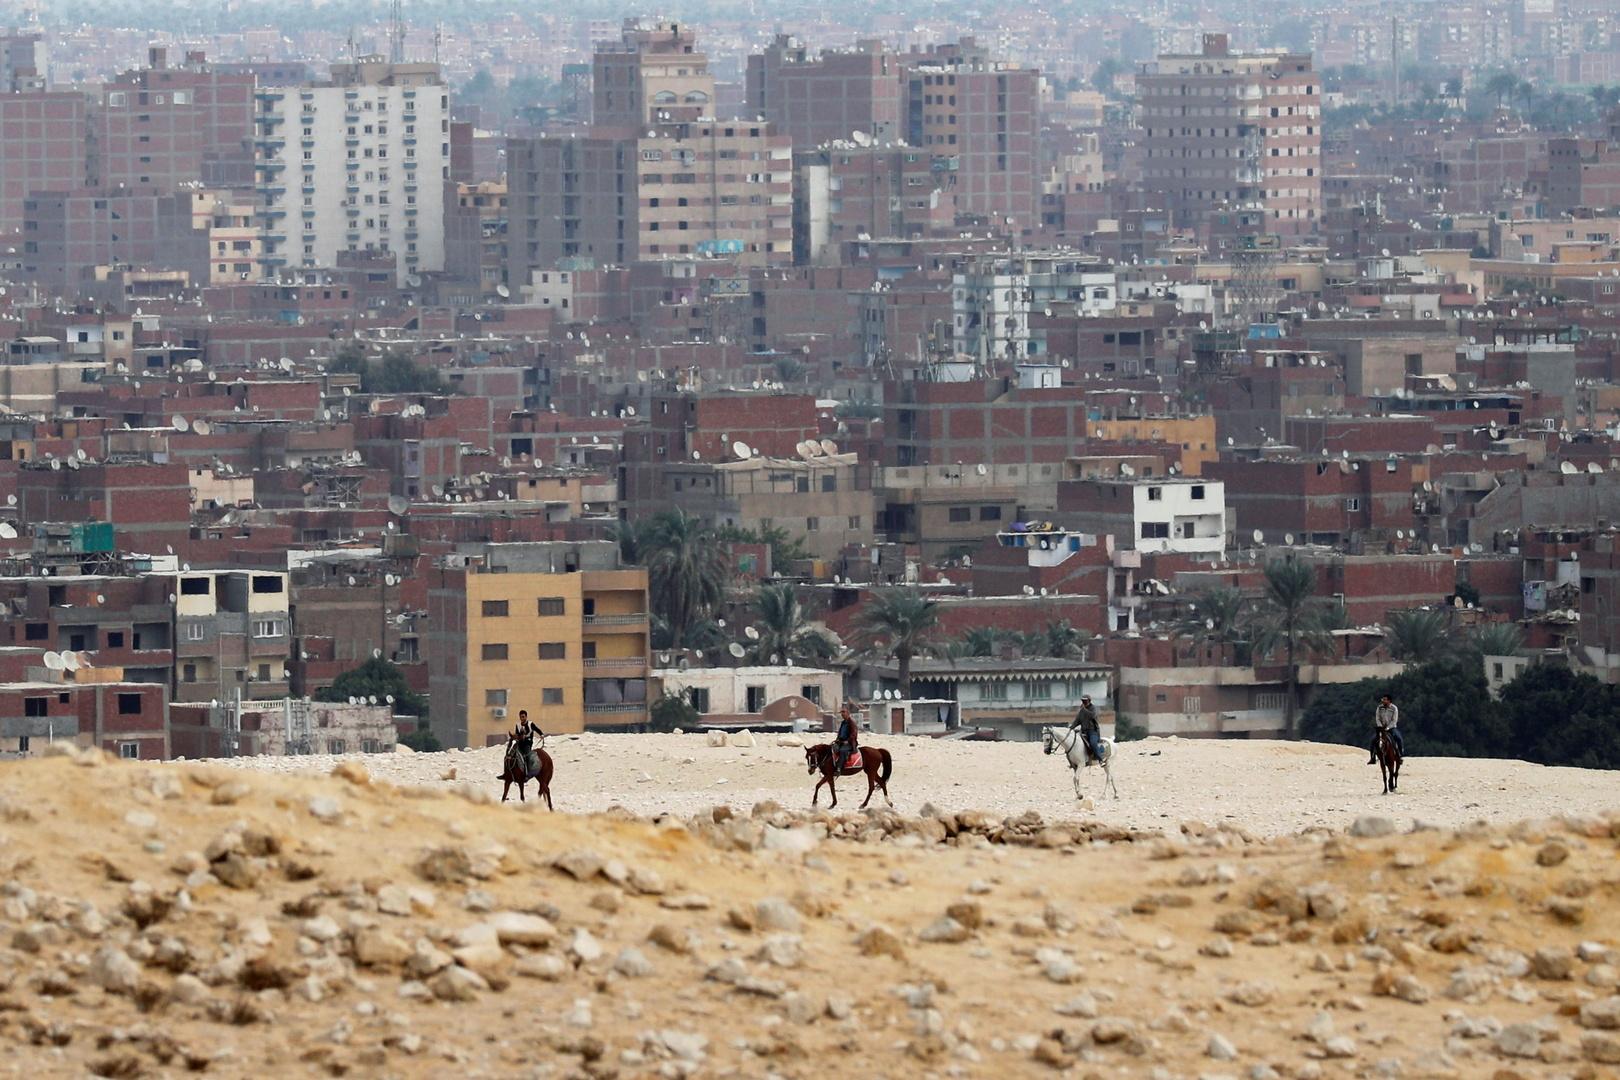 مصر.. إحباط محاولة بيع تمثال أثري ضخم